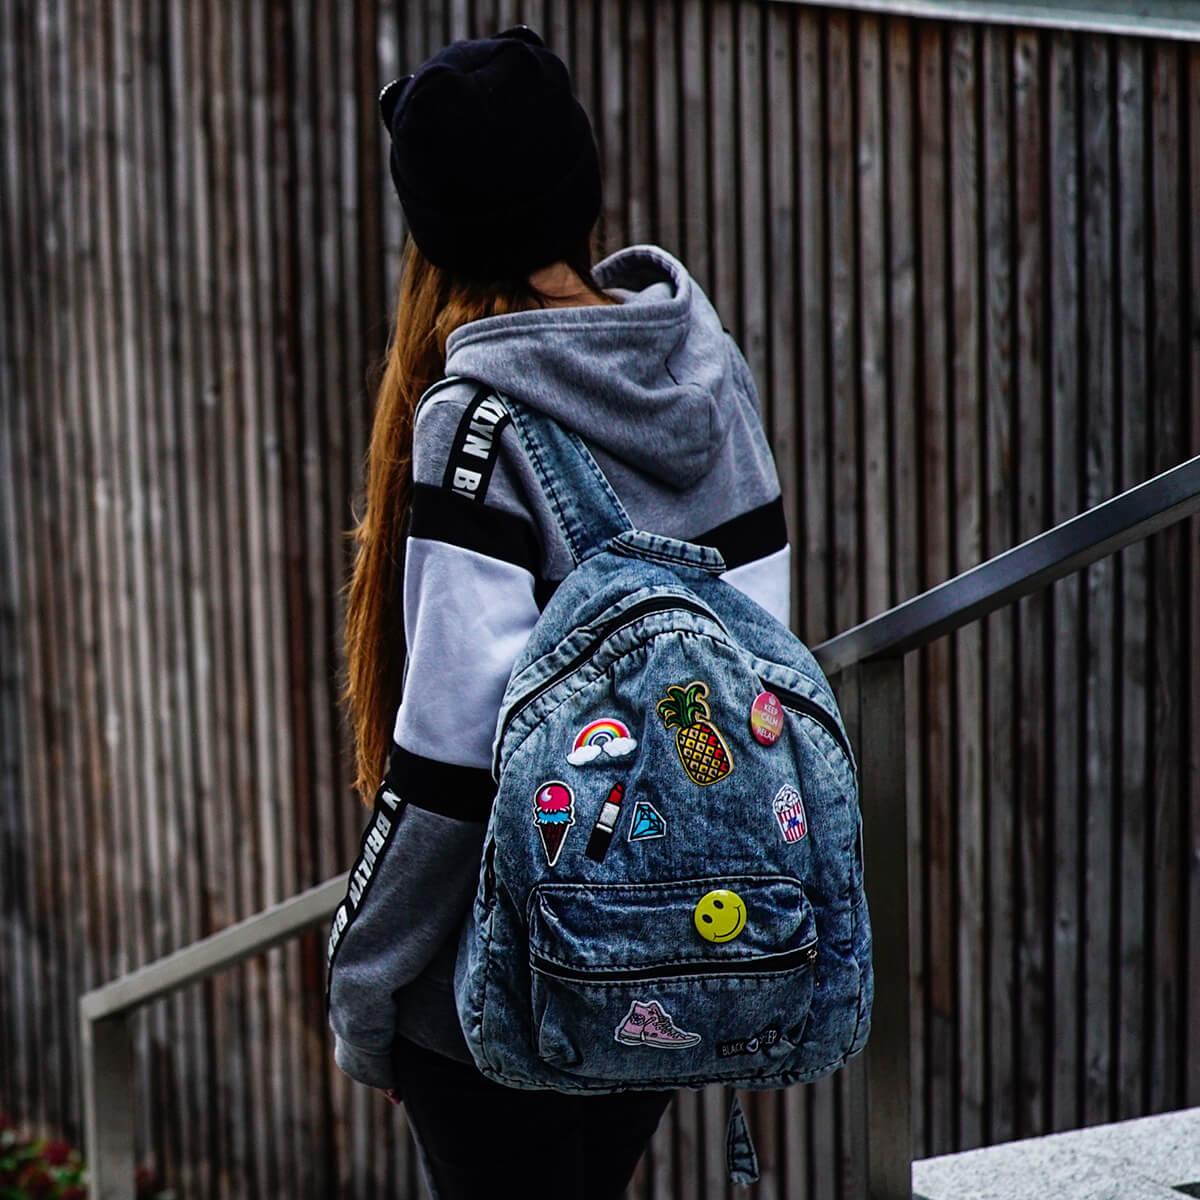 ab1db4dc6fa6c Plecaki jeansowe, plecaki oldschool | Sklep internetowy Brytyjka